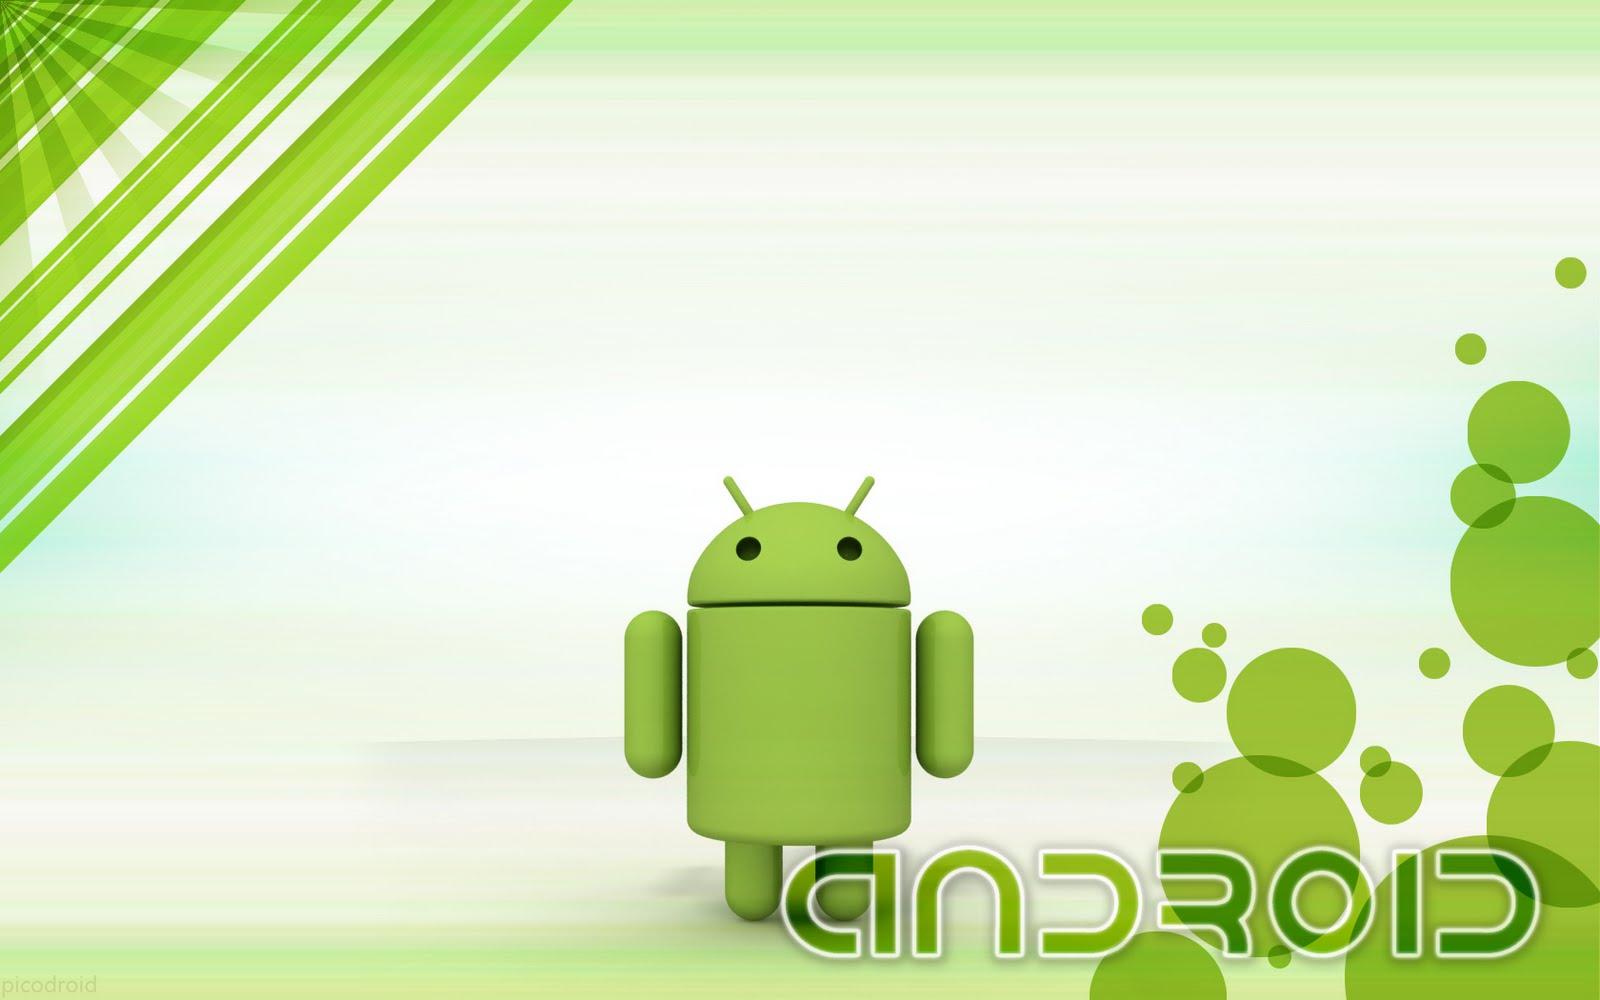 http://2.bp.blogspot.com/-7ZHRXsk0p-U/TgjmvvclkuI/AAAAAAAAElI/a5qC7CGc33A/s1600/android-wallpaper-21.jpg